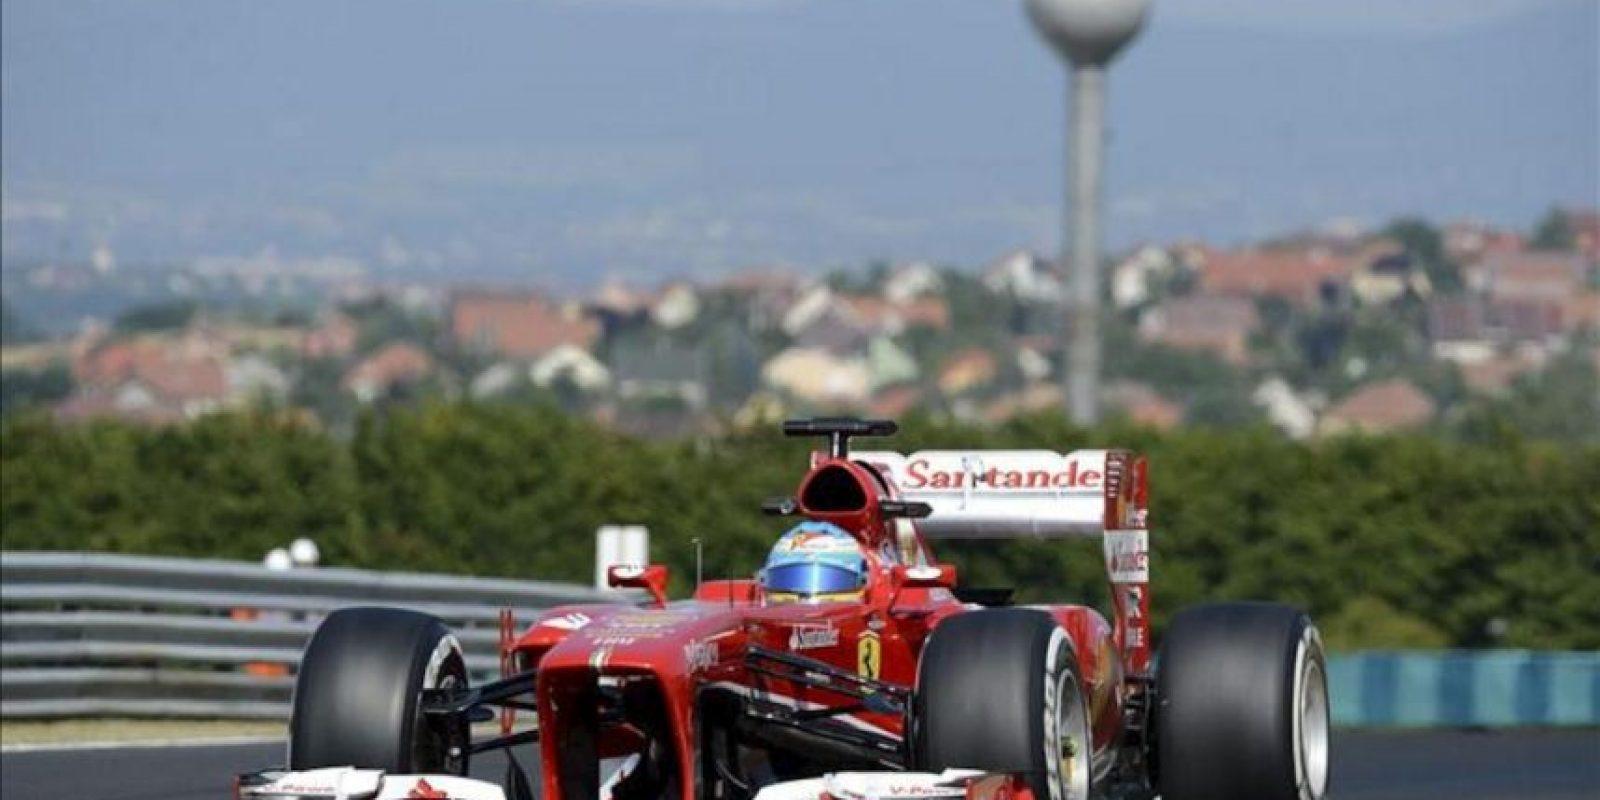 El piloto español de la escudería Ferrari Fernando Alonso asiste a la primera sesión de entrenamiento libre para el Gran Premio de Hungría. EFE